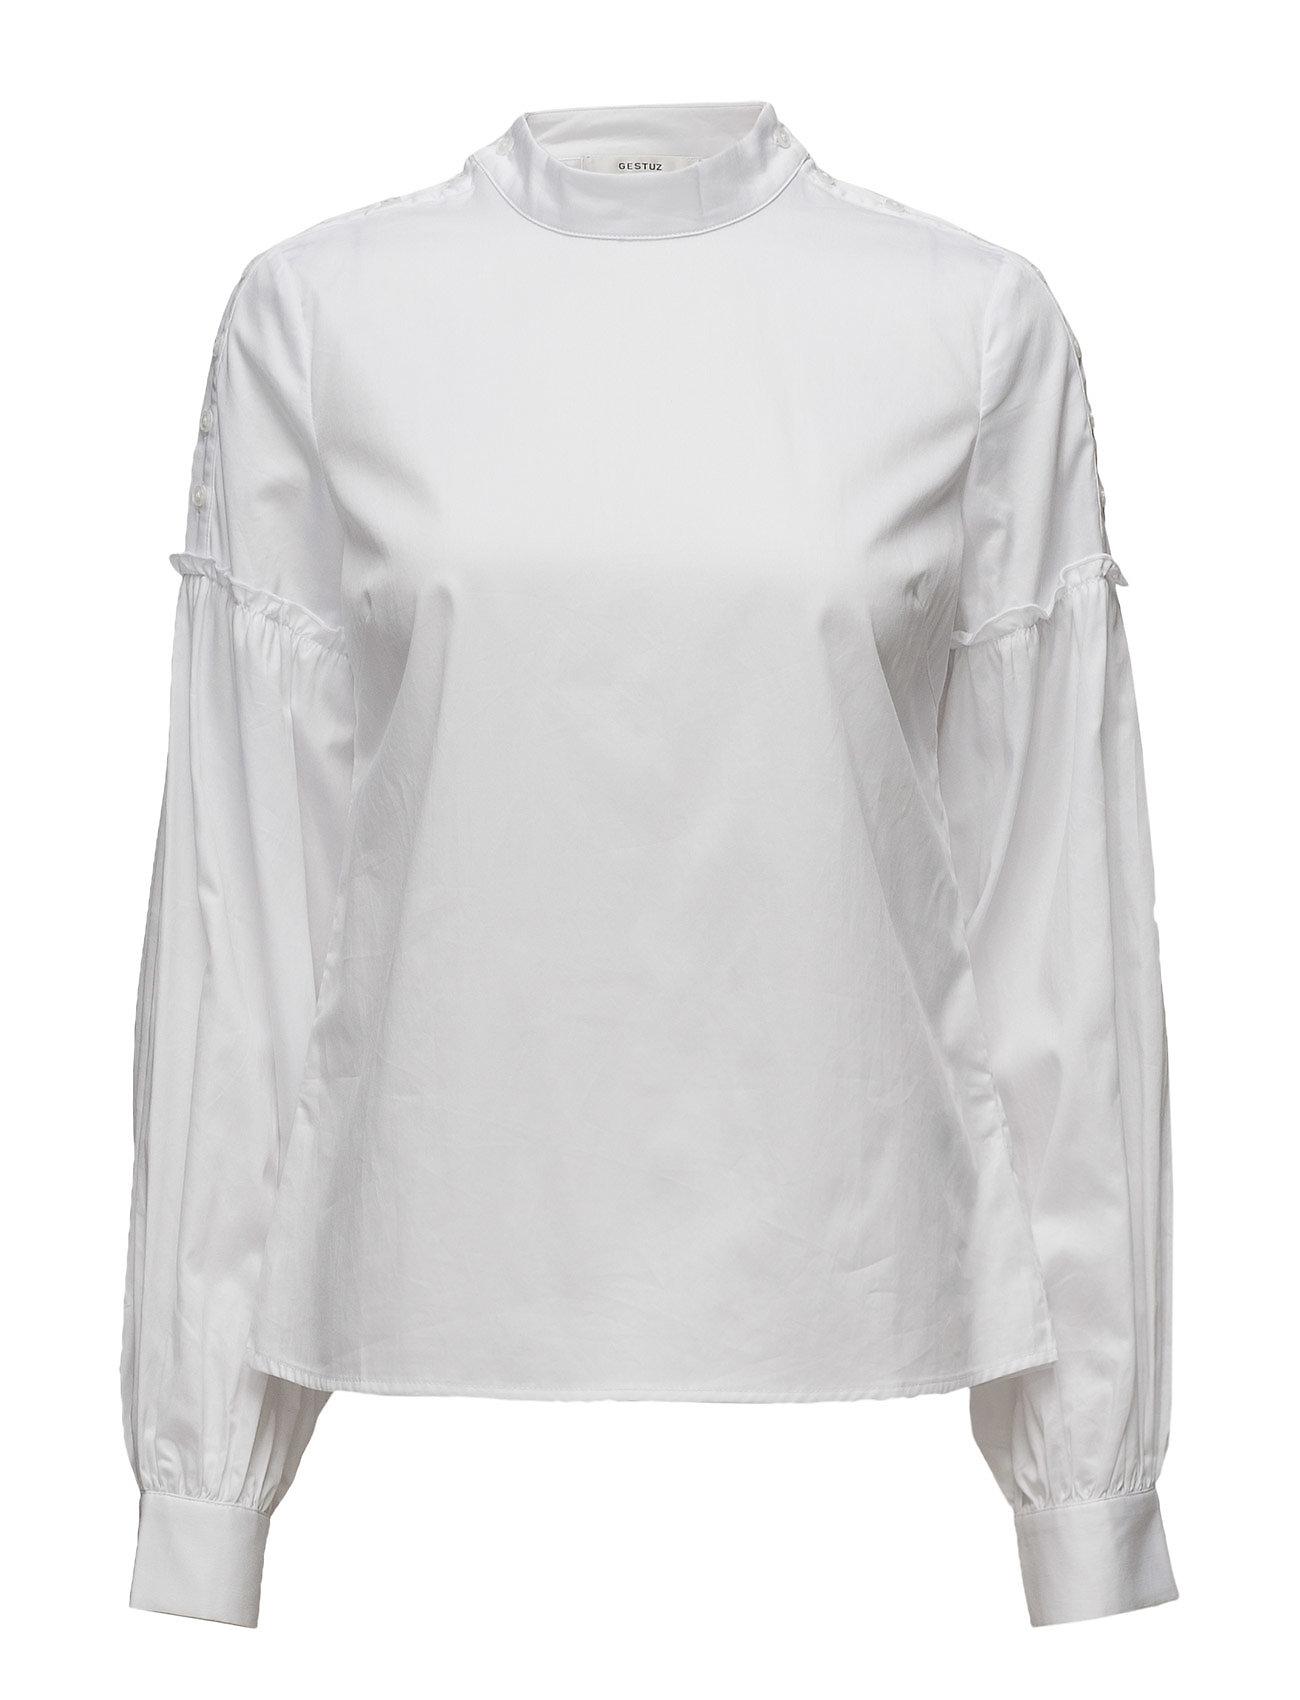 Gestuz Basby blouse MA17